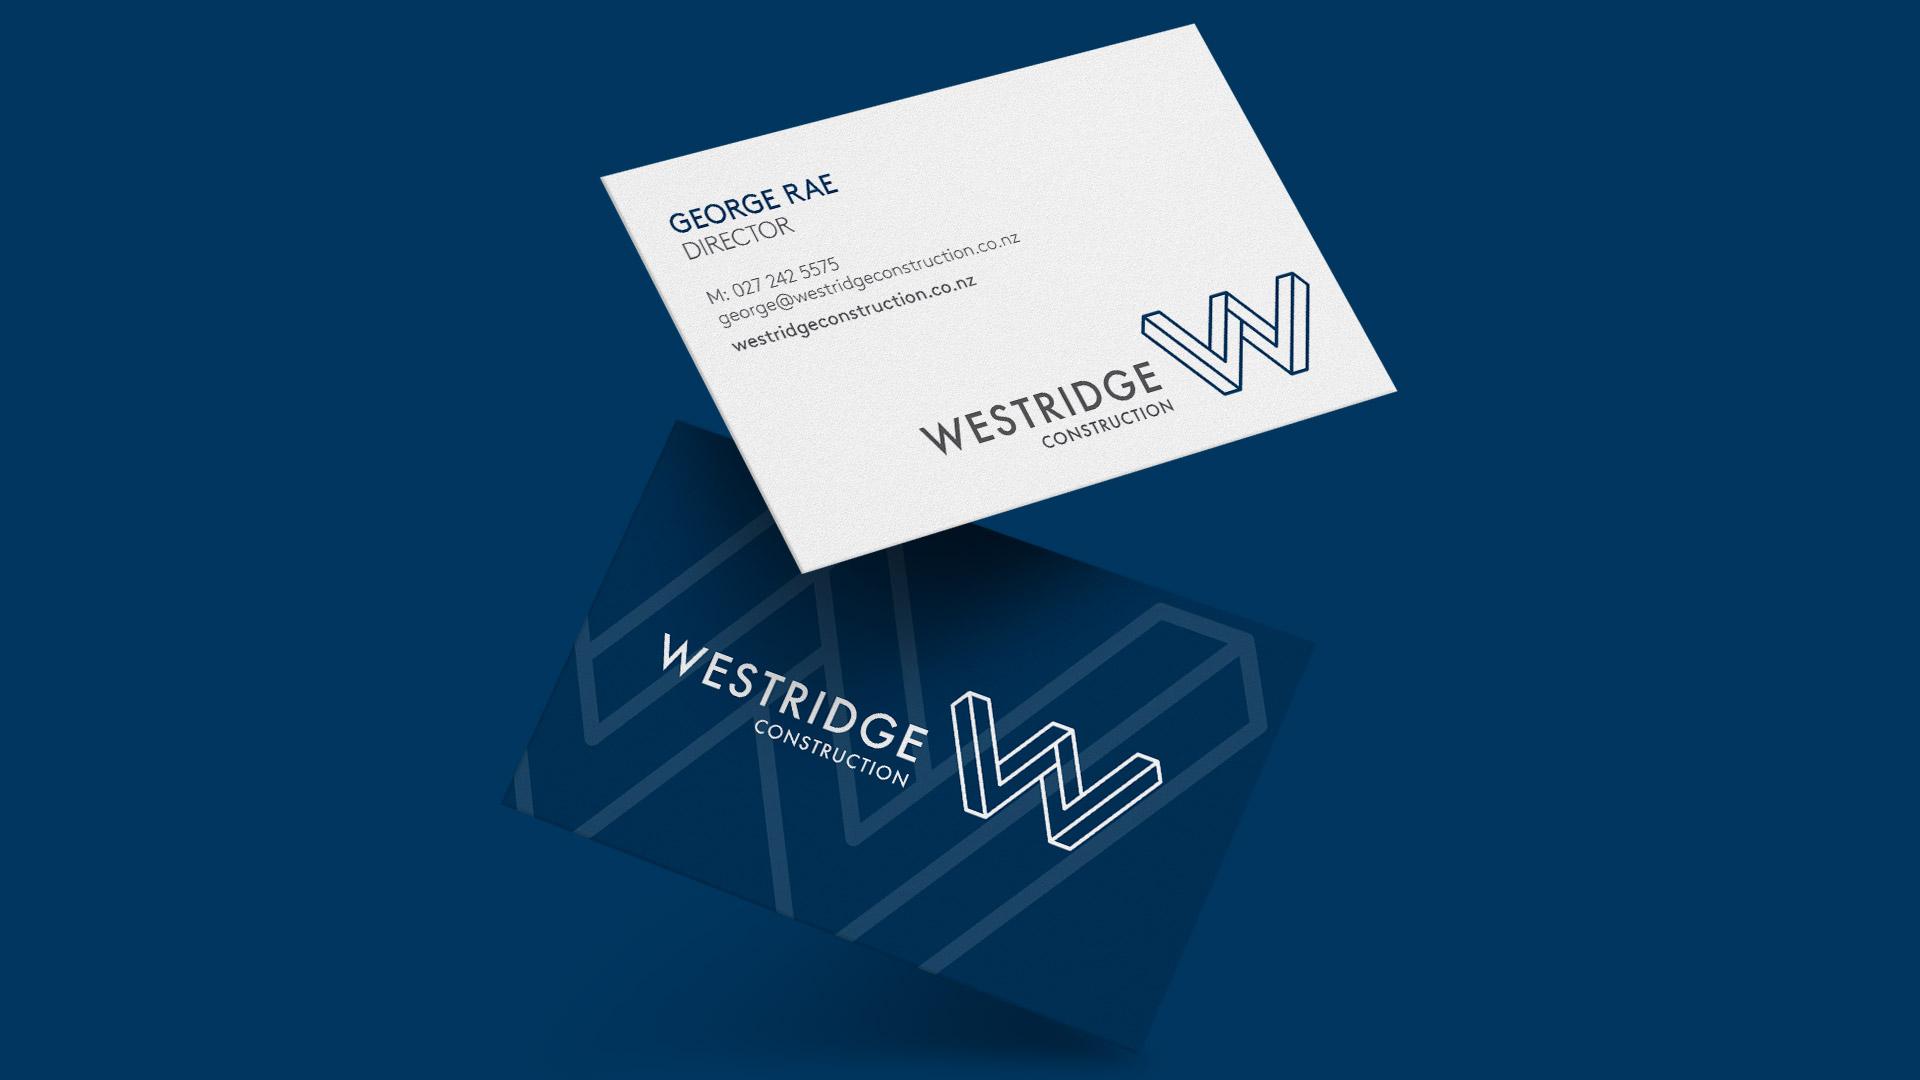 Westridge Image 3